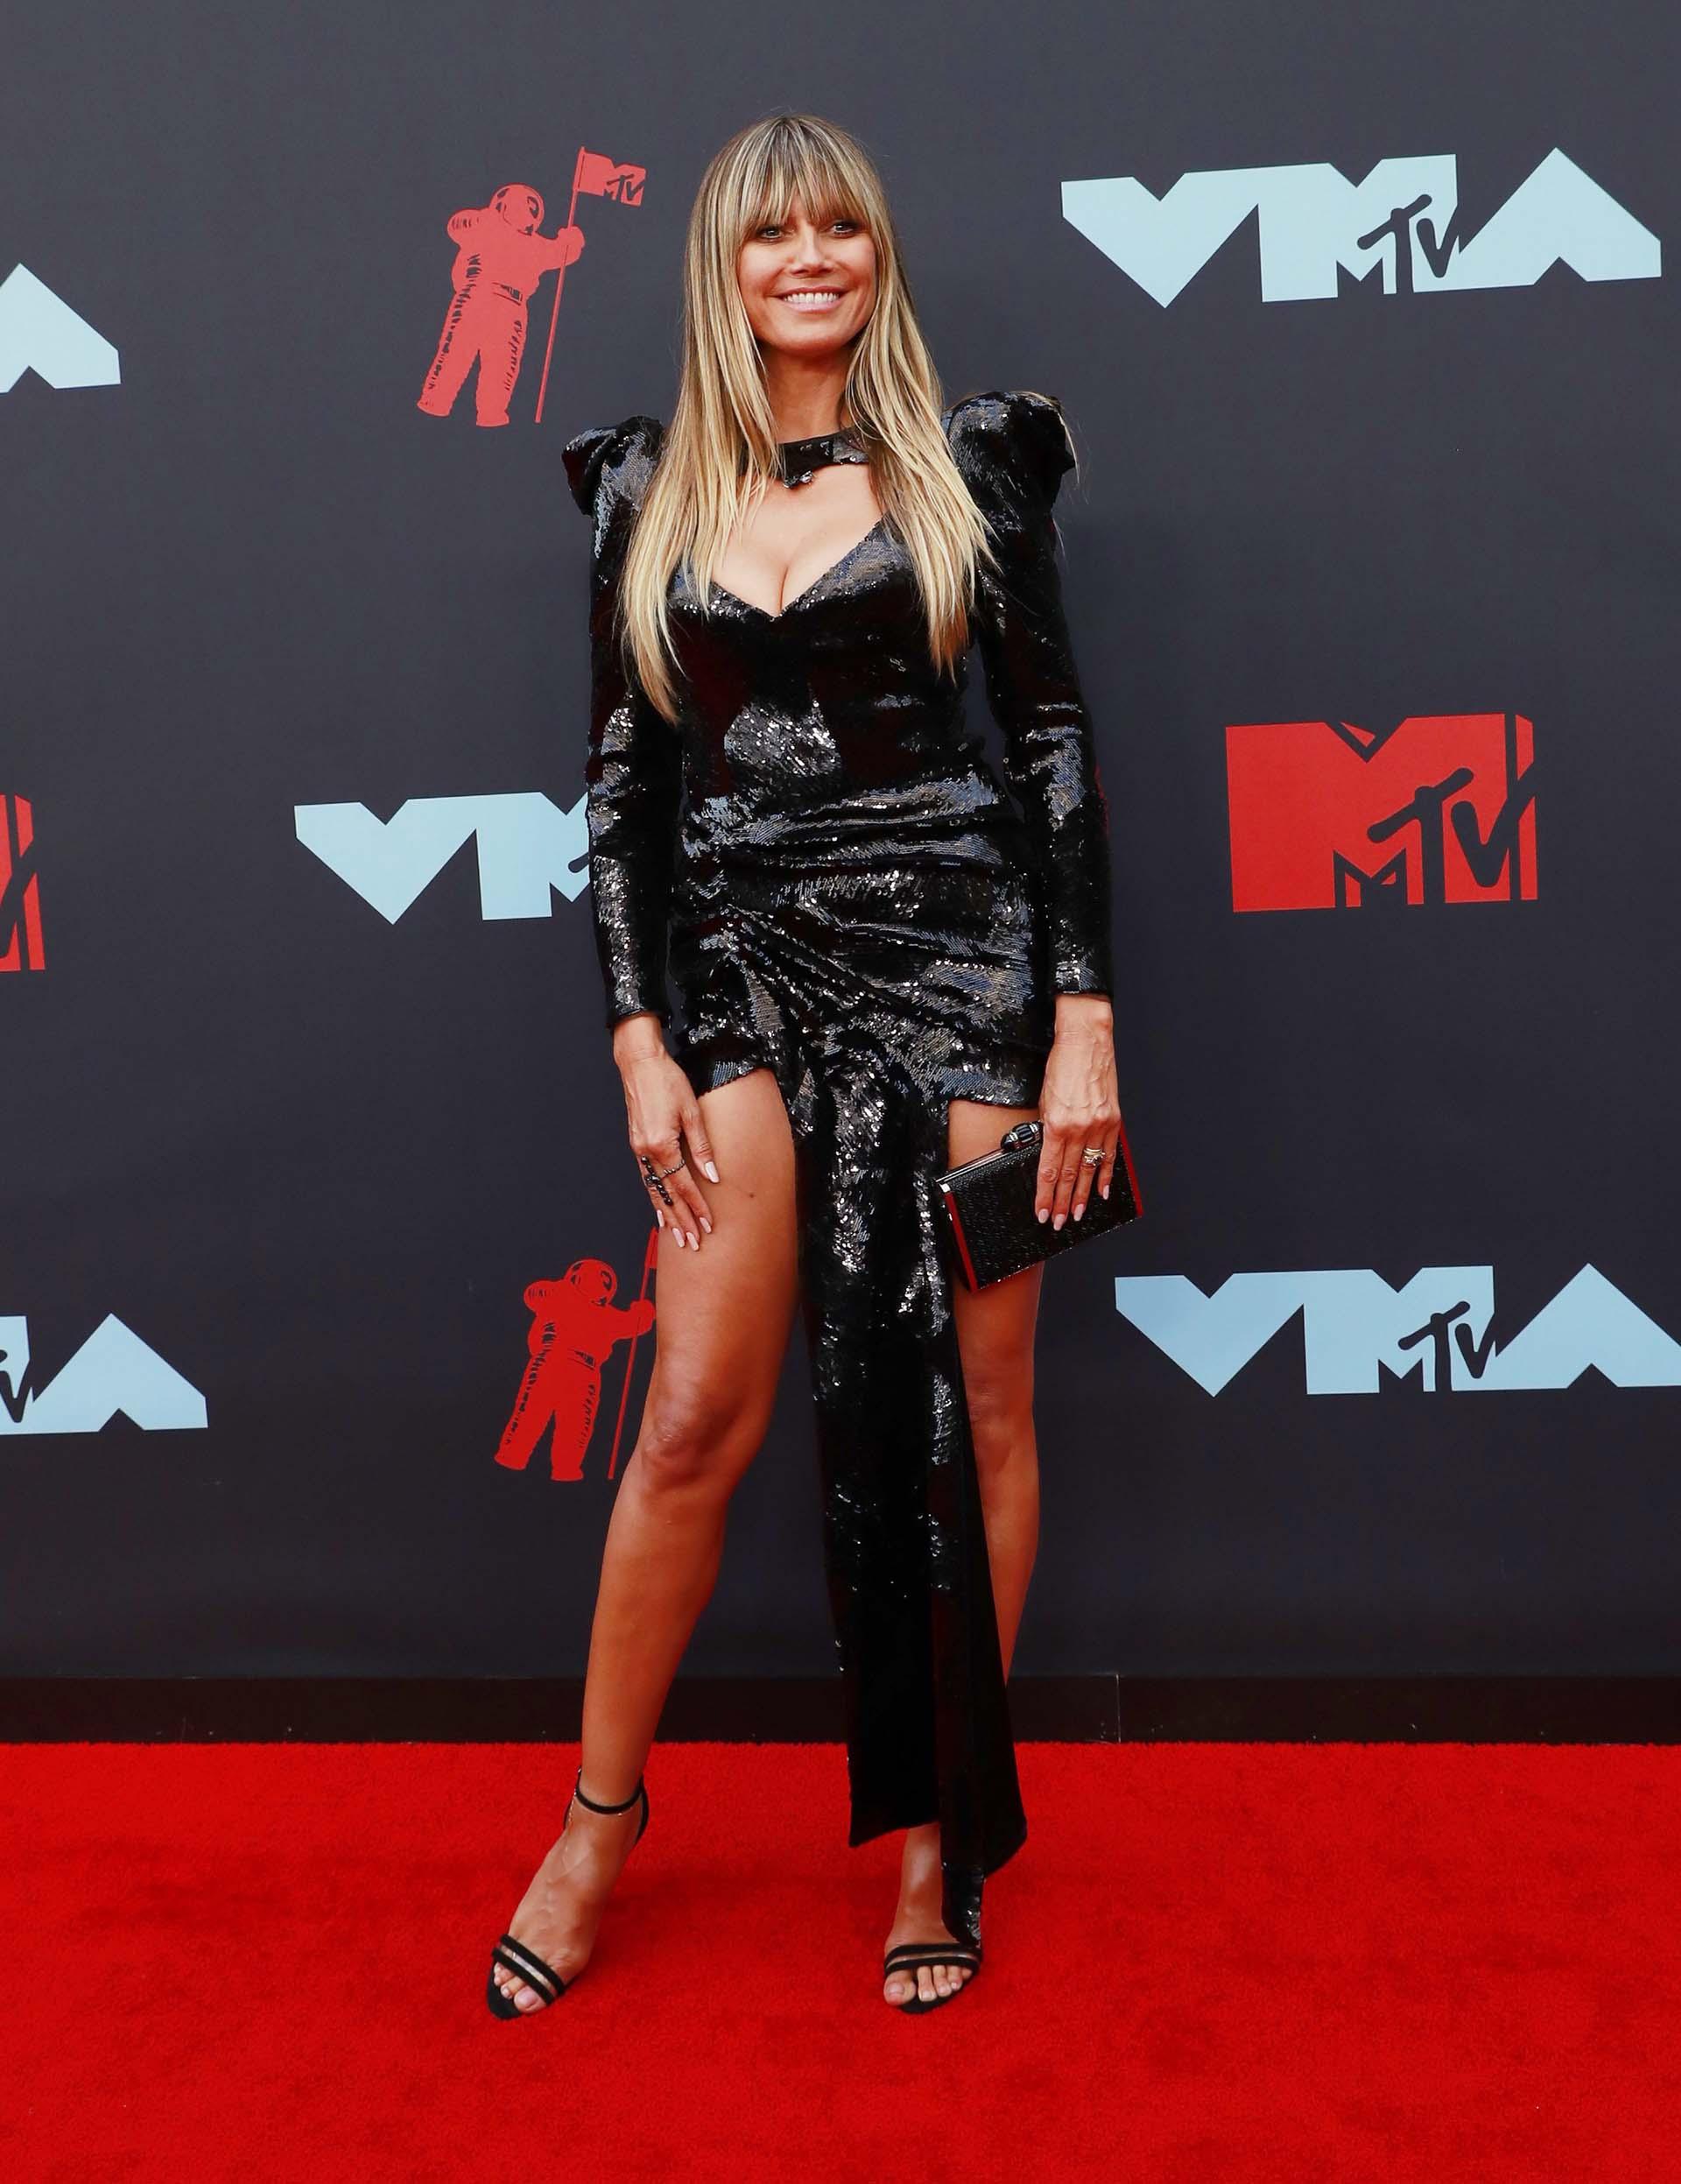 La modelo alemana Heidi Klum lució su increíble cuerpo con un vestido negro en los MTV VMAs